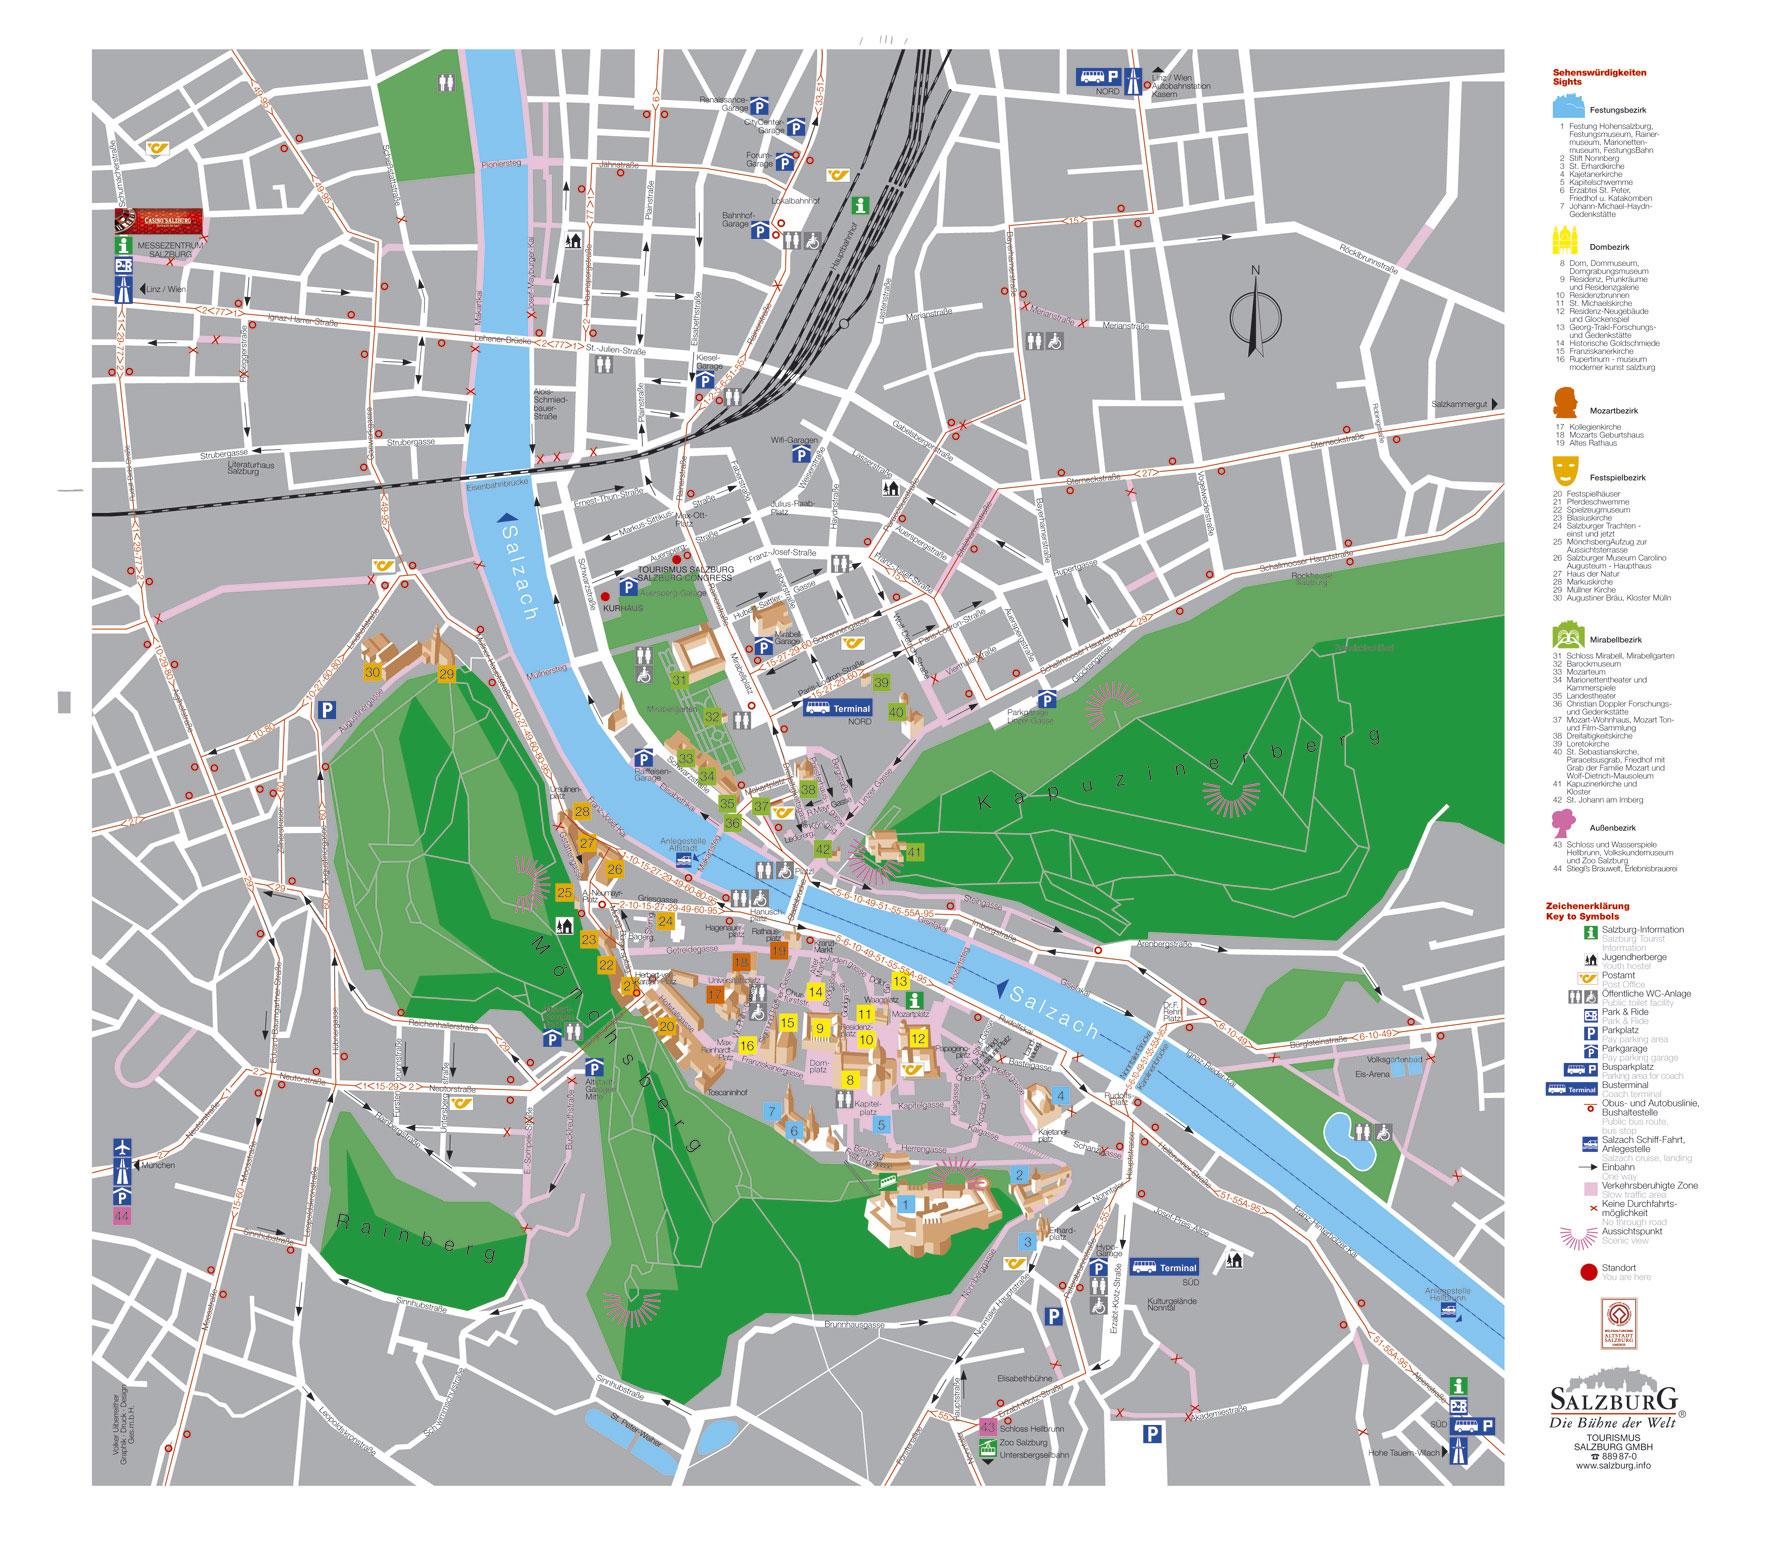 Salzburg Tourist Map Salzburg Austria mappery – Salzburg Tourist Map